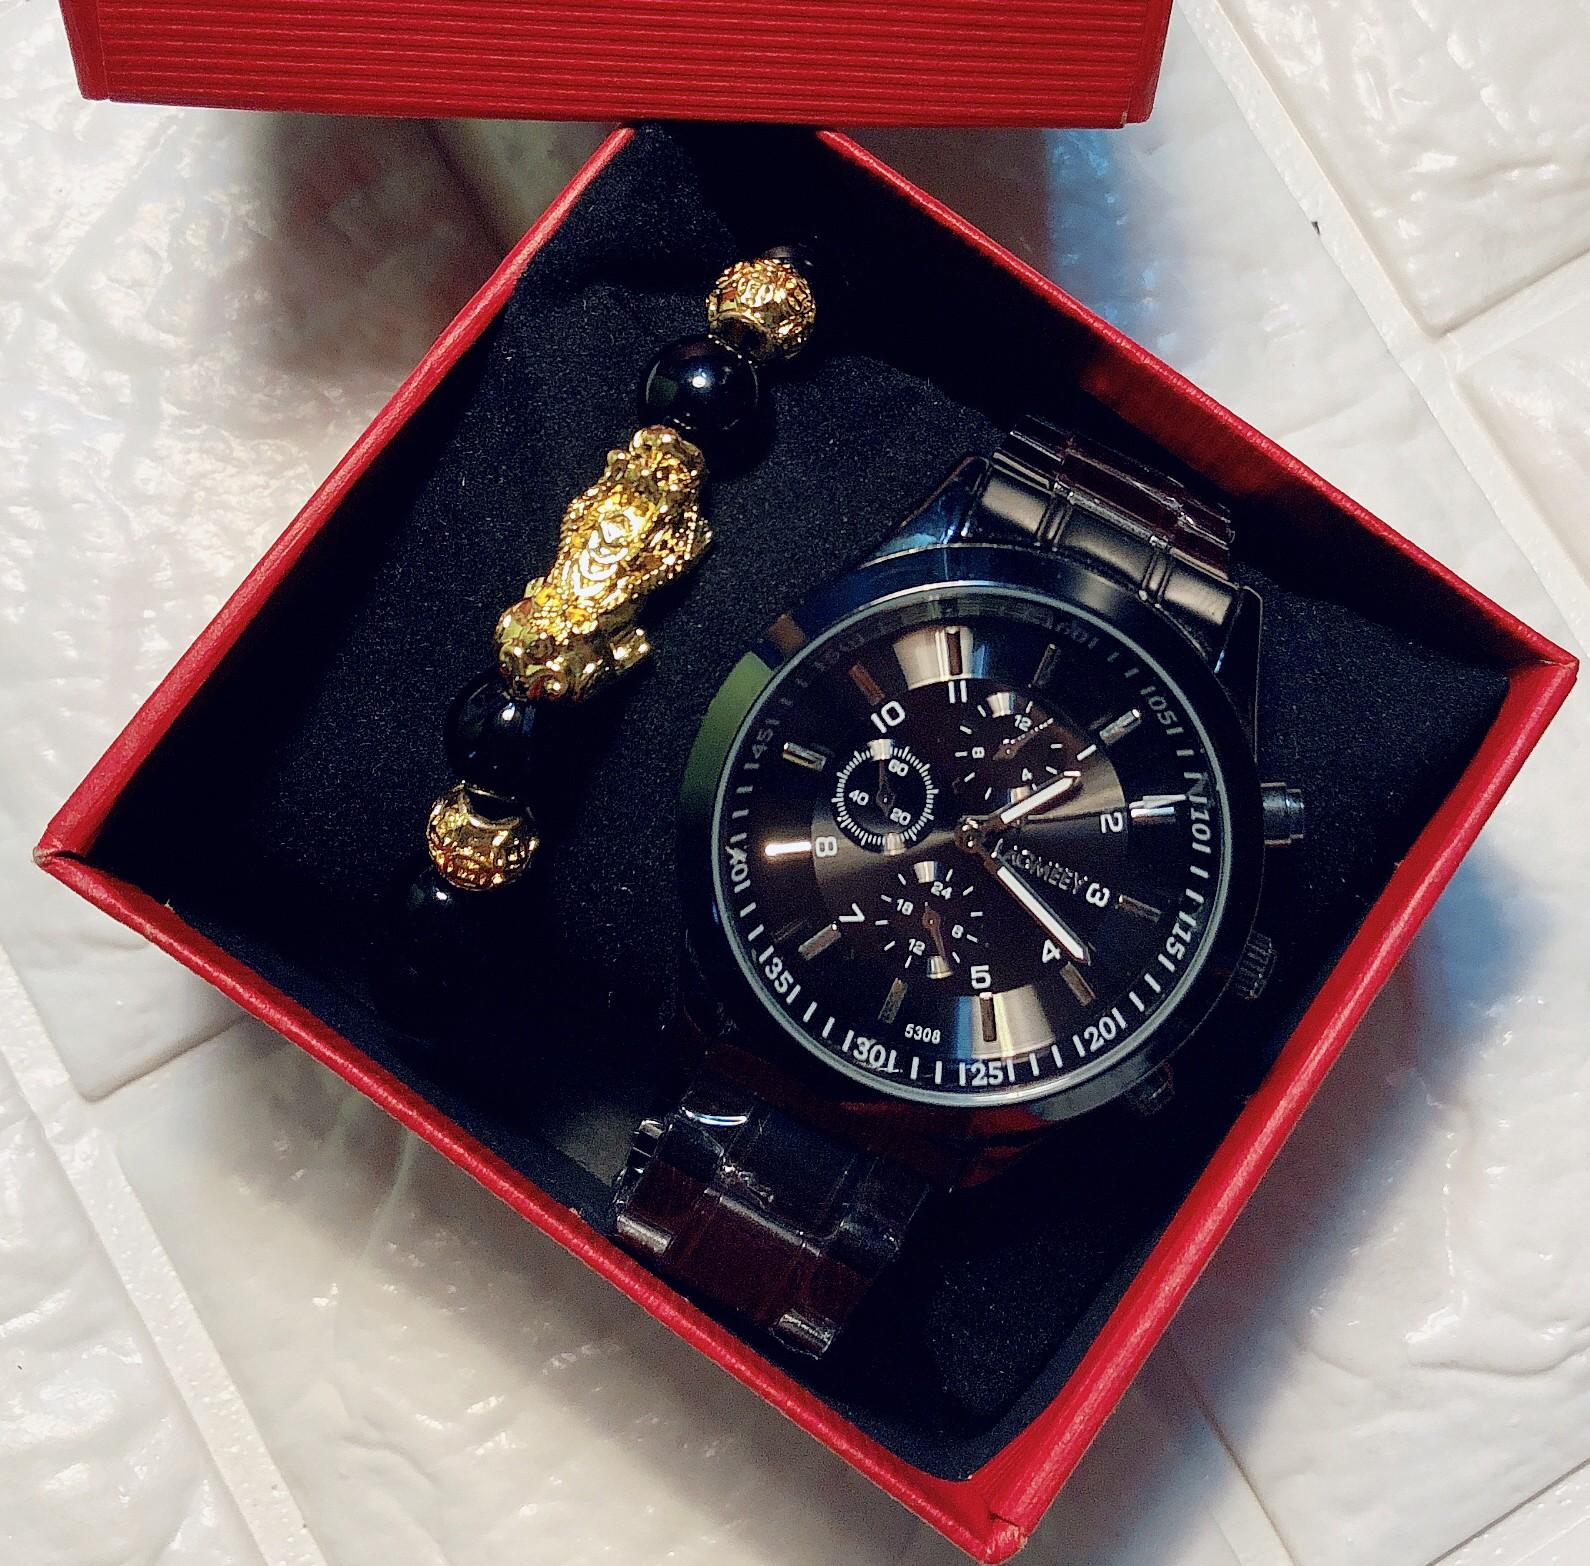 Đồng hồ nam độc Tặng Vòng Tỳ Hưu - Đồng hồ nam đẹp cao cấp chính hãng